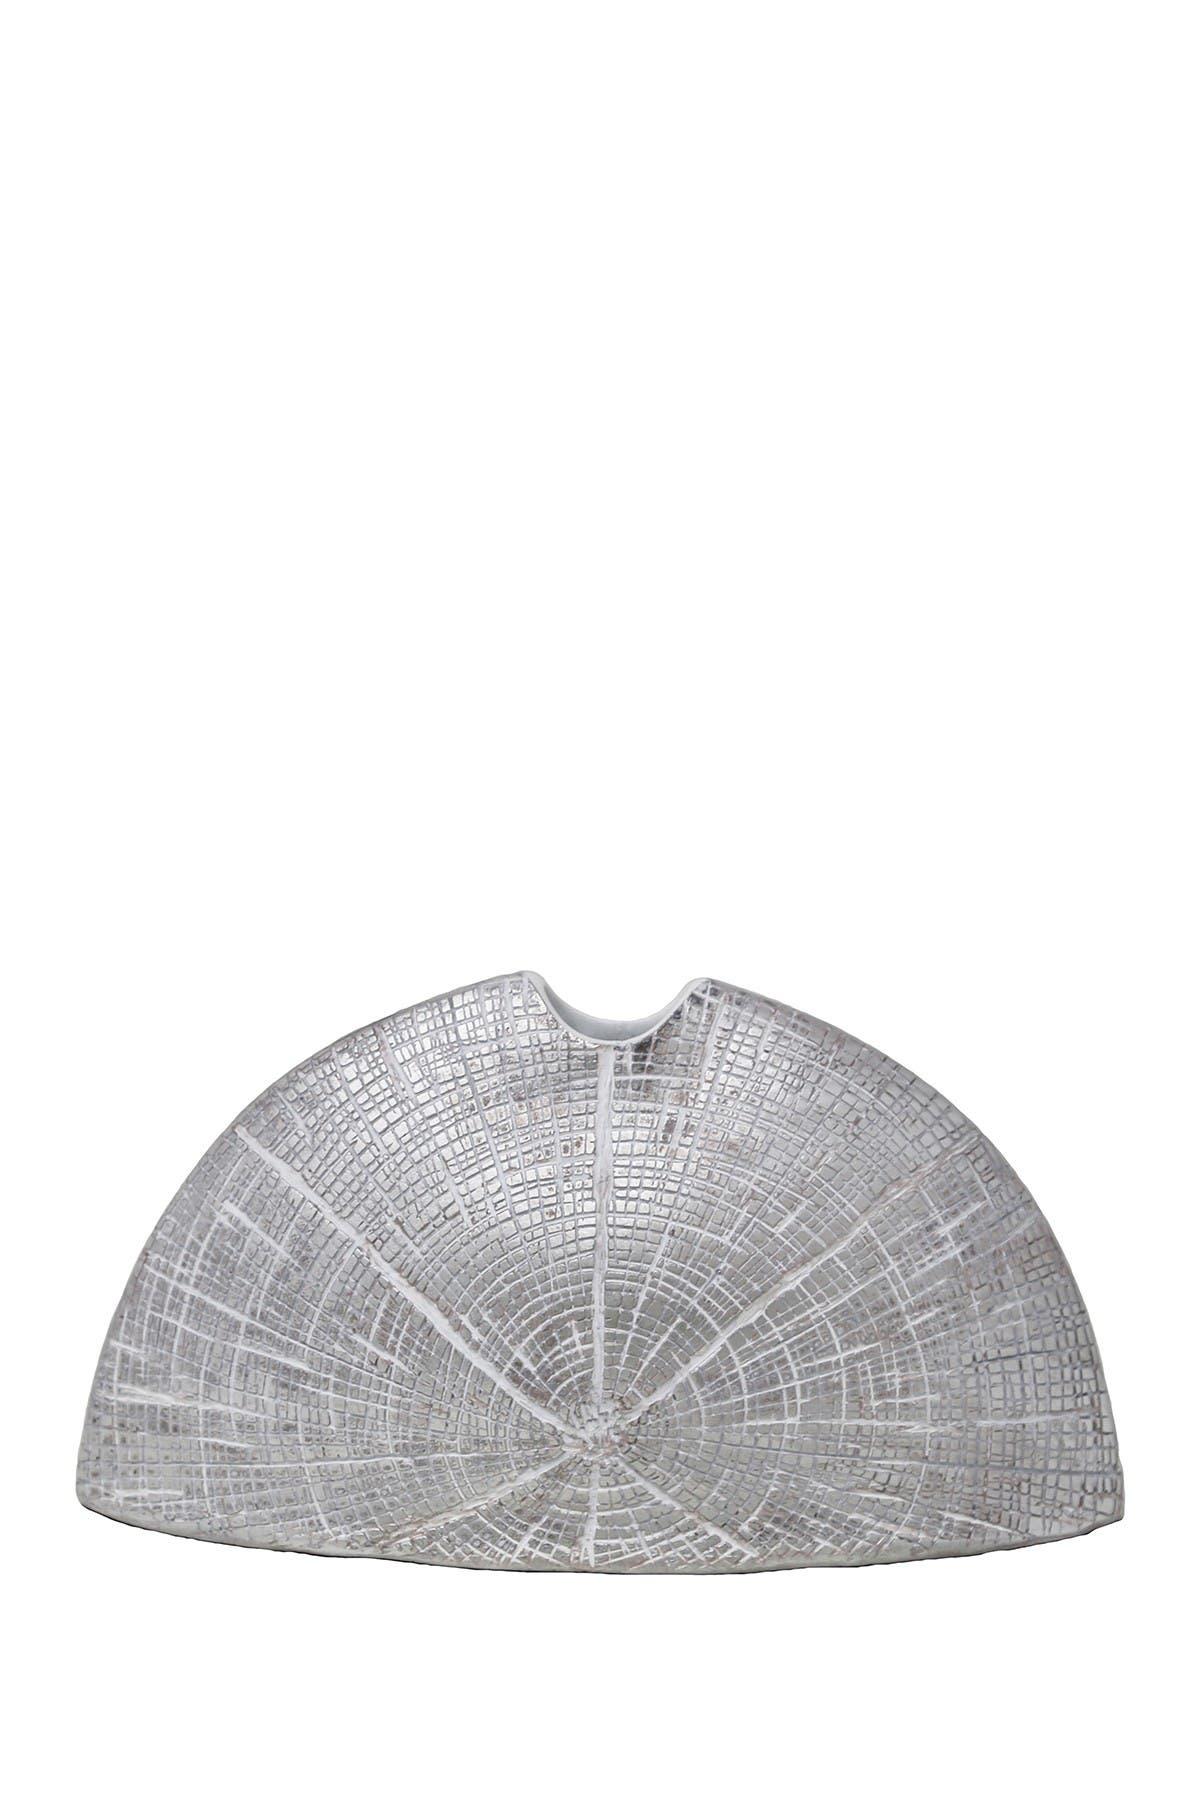 Image of SAGEBROOK HOME Flat Silver Star-Etched Vase